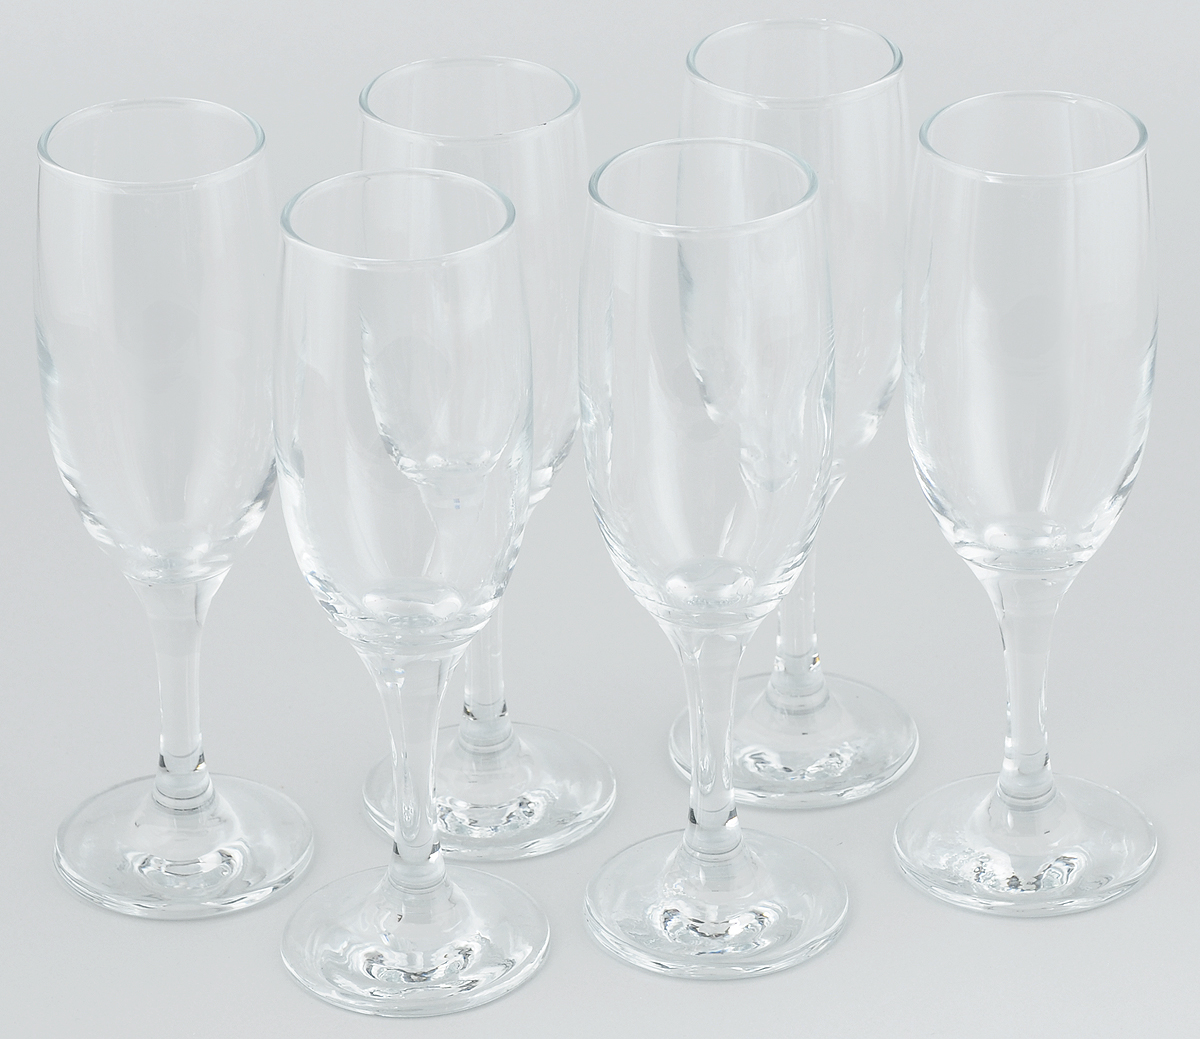 """Набор Pasabahce """"Bistro"""" состоит  из шести классических фужеров, выполненных из  прочного стекла. Изделия  оснащены высокими ножками и предназначены  для подачи шампанского. Они сочетают в себе элегантный дизайн и  функциональность. Набор фужеров Pasabahce """"Bistro"""" прекрасно  оформит праздничный стол  и создаст приятную атмосферу за  романтическим ужином. Такой набор также станет  хорошим подарком к любому случаю.  Высота бокала: 20 см."""